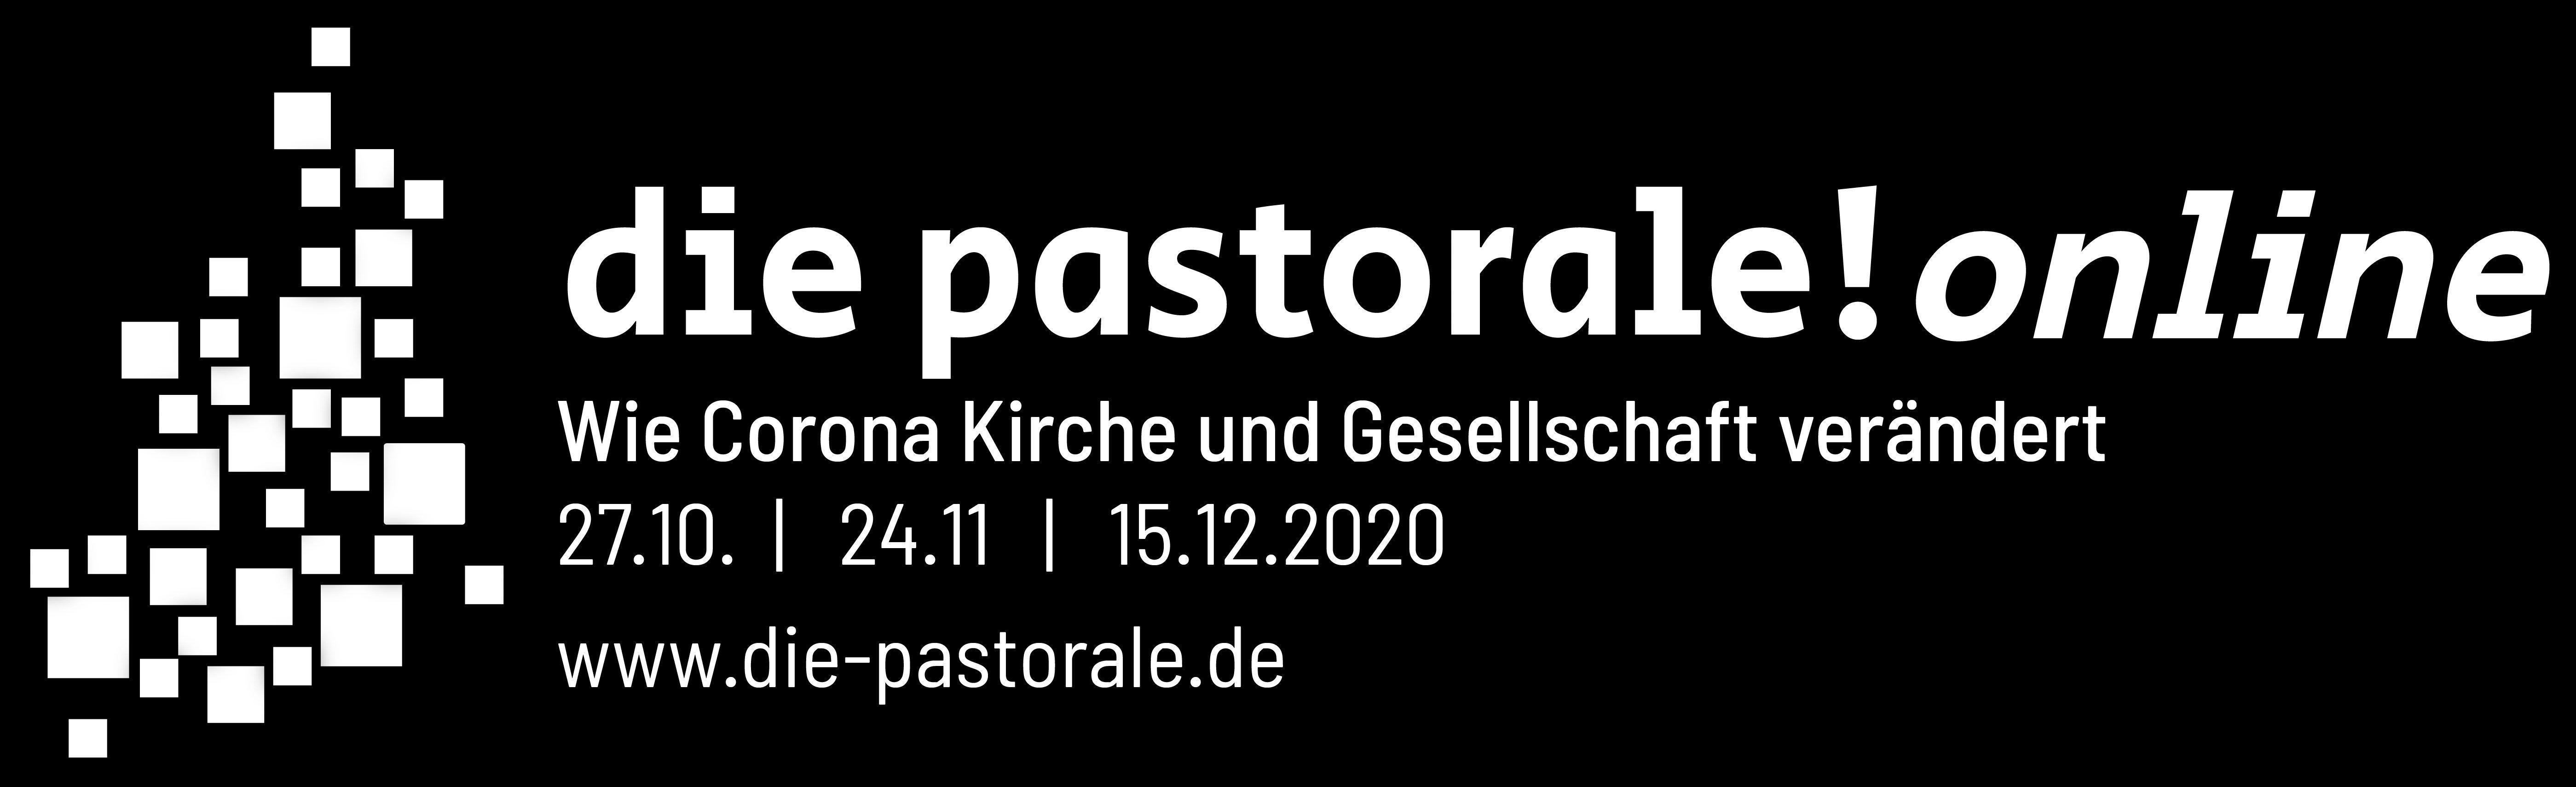 Online: die pastorale!